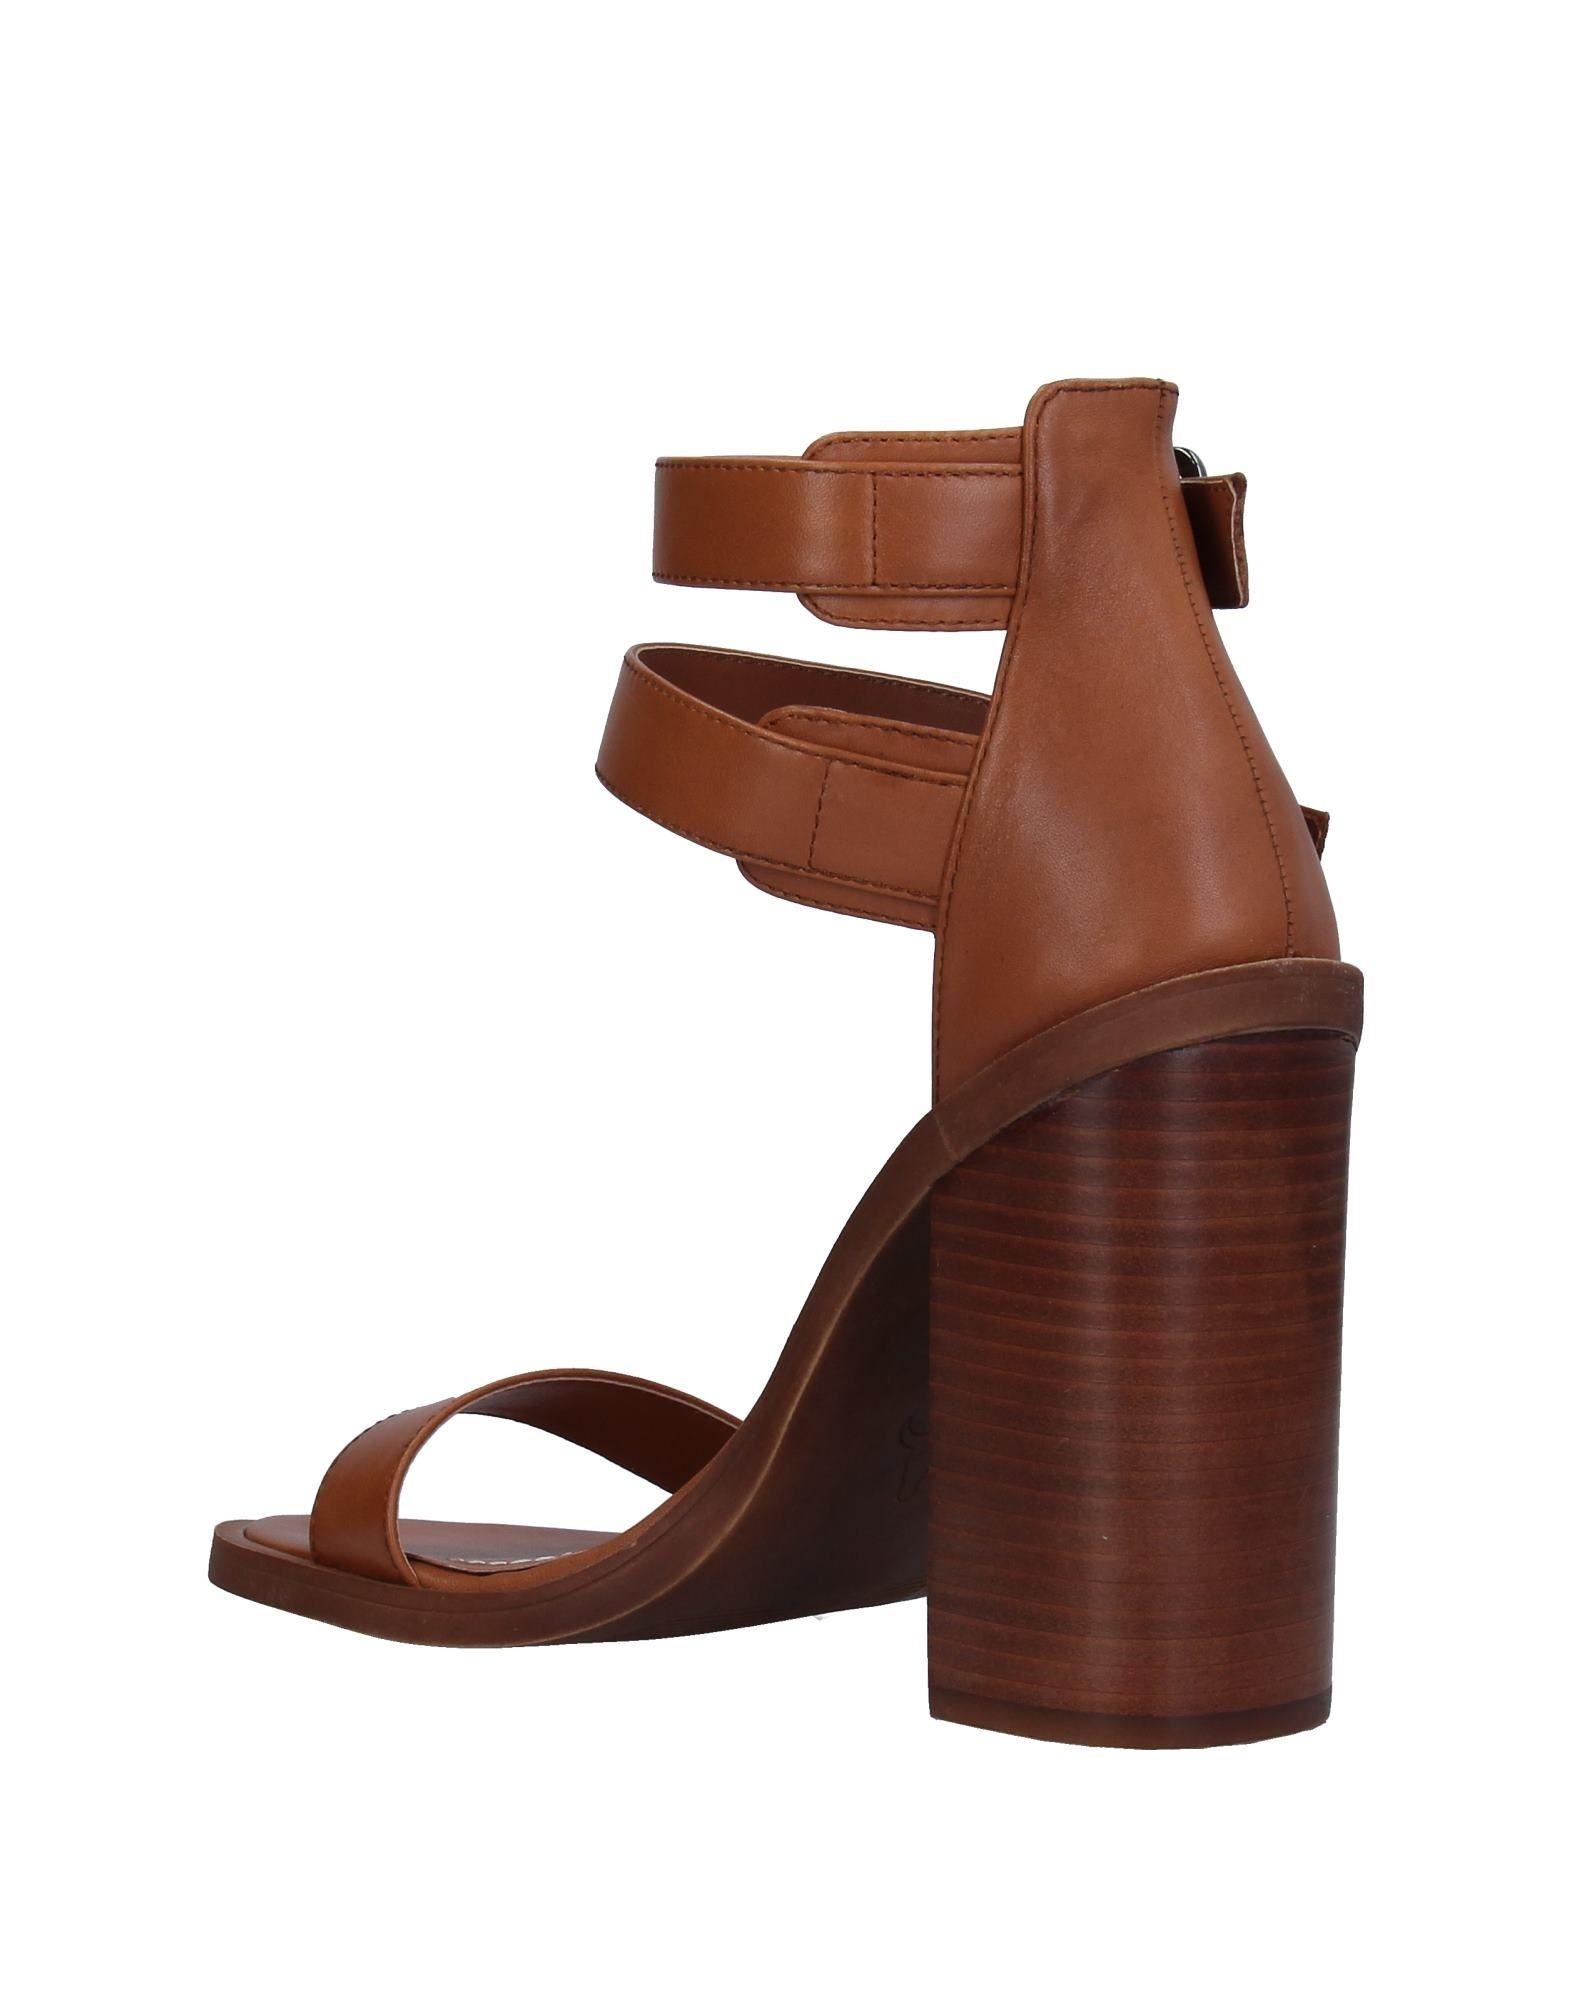 Windsor Smith Sandalen Schuhe Damen  11340914QA Gute Qualität beliebte Schuhe Sandalen 1aacae